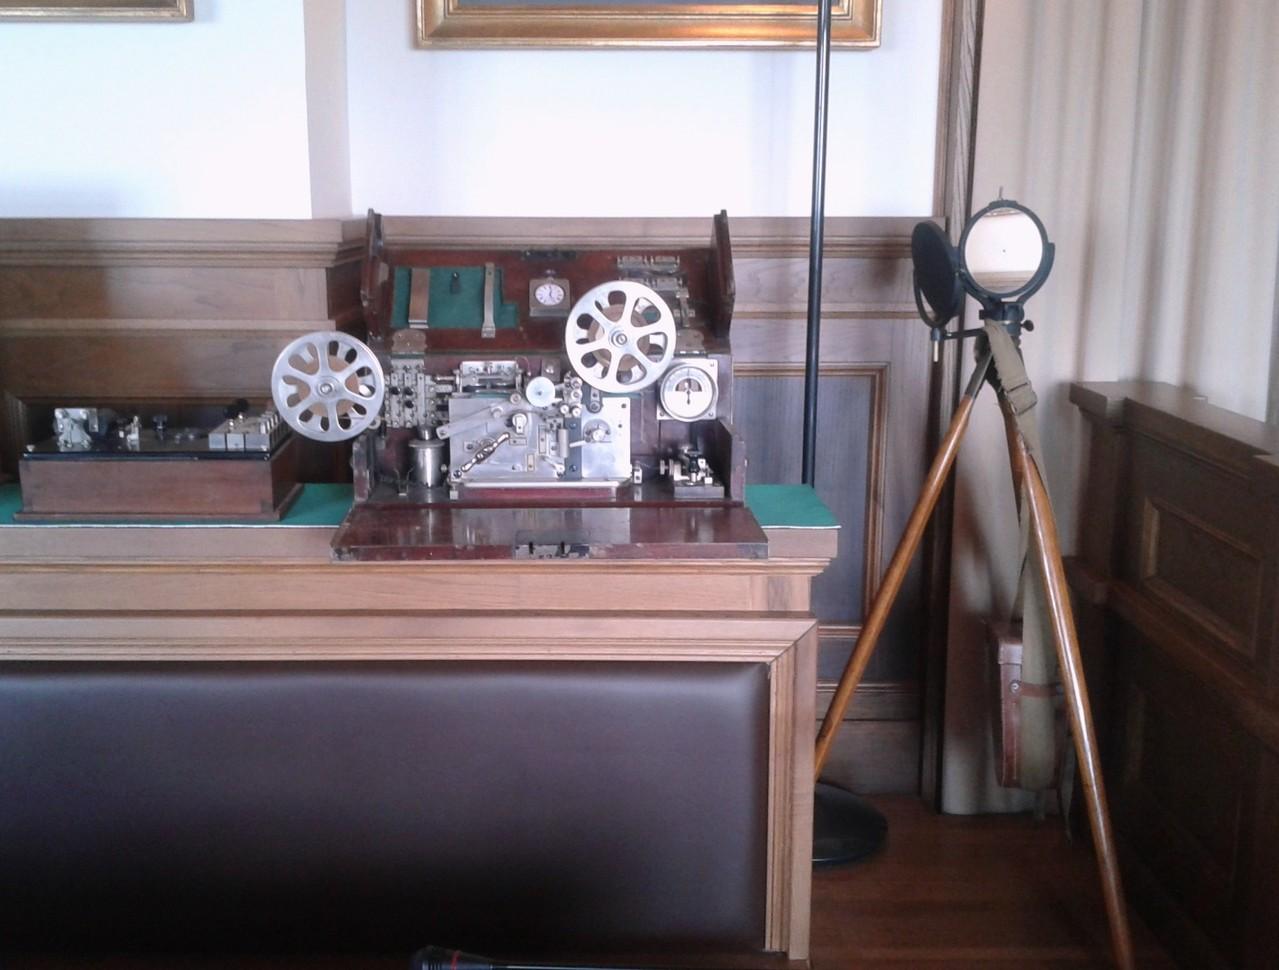 Cassetta telegrafica Pio Pion e apparato militare per telegrafia ottica - IK6BAK Eliseo